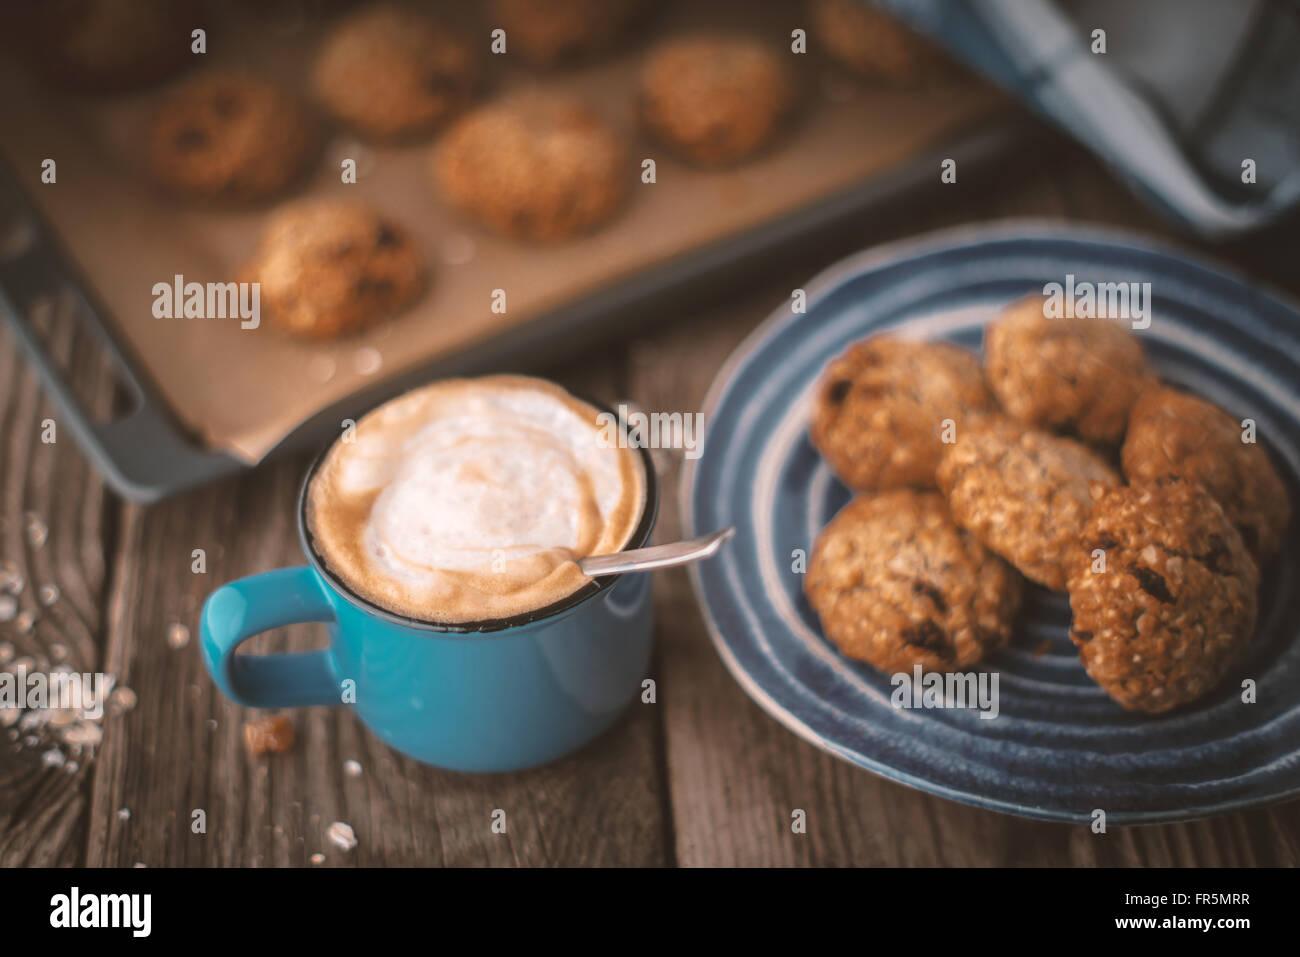 La plaque de cuisson et un plateau de biscuits à l'horizontale sur la table en bois Photo Stock